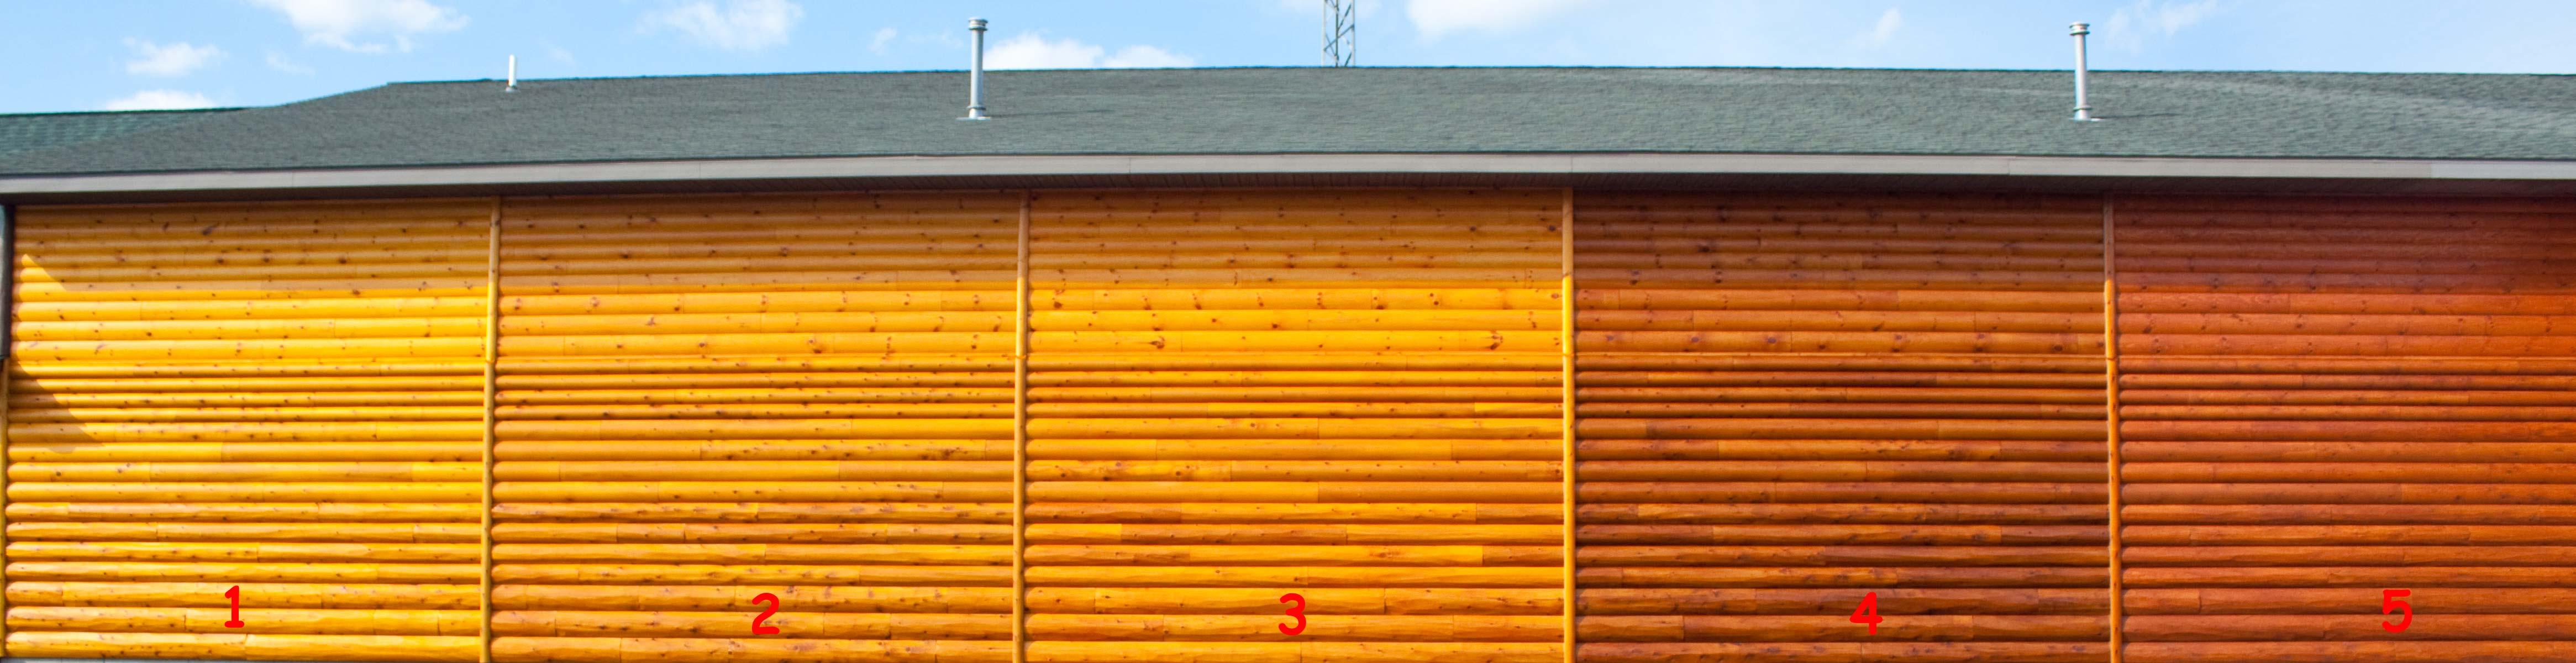 Fullsize Of Sikkens Deck Stain